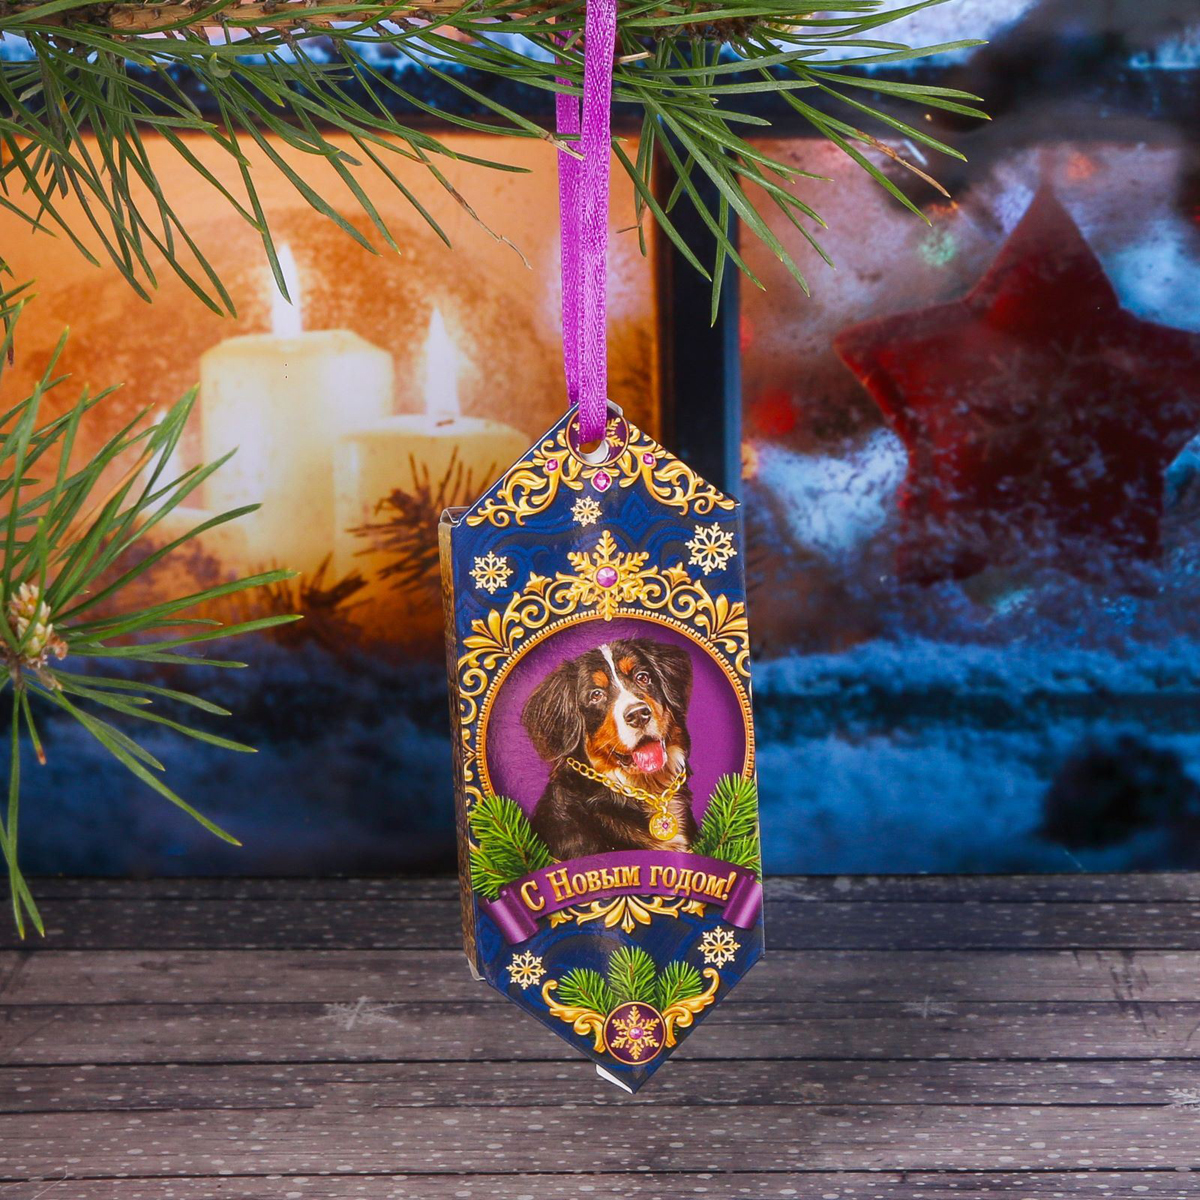 Украшение новогоднее подвесное Sima-land С Новым годом, 14 х 13 см, 6 шт2196282Невозможно представить нашу жизнь без праздников! Мы всегда ждём их и предвкушаем, обдумываем, как проведём памятный день, тщательно выбираем подарки и аксессуары, ведь именно они создают и поддерживают торжественный настрой.